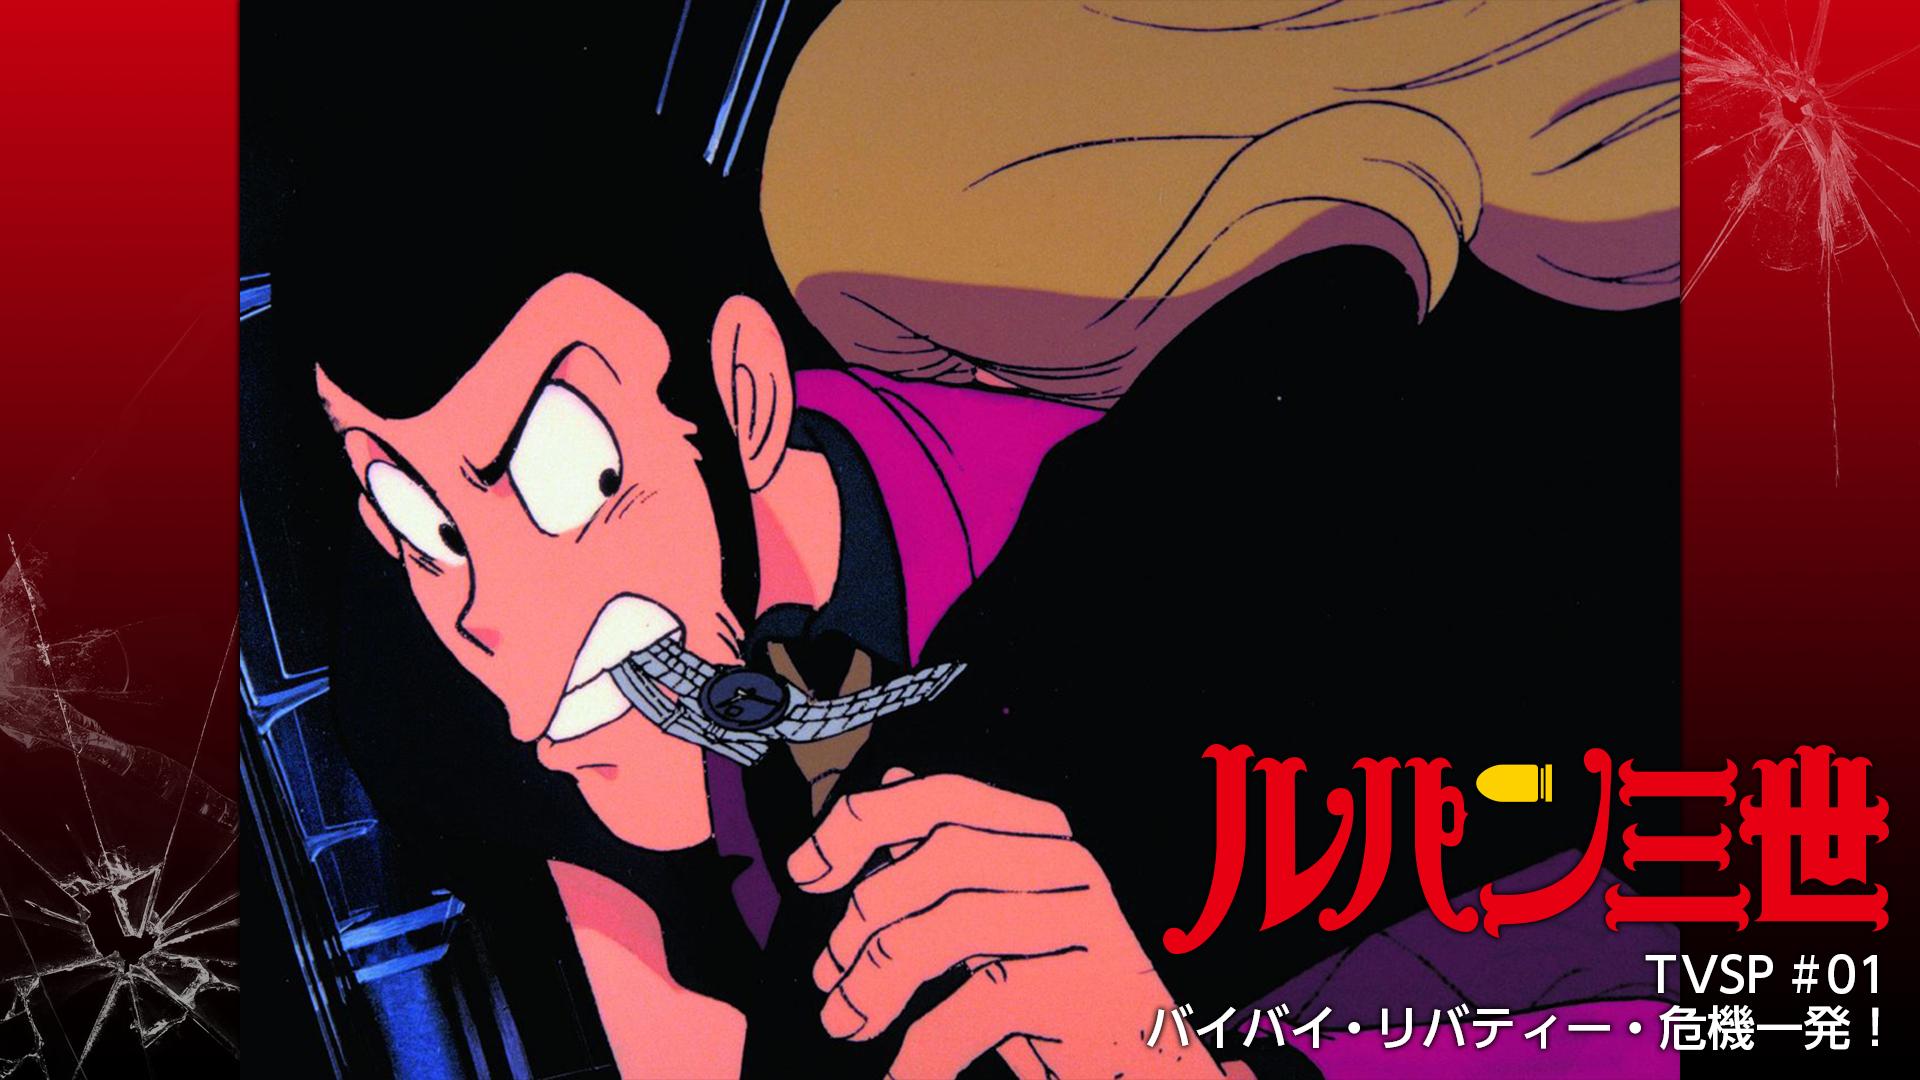 ルパン三世TVSP #01 バイバイ・リバティー・危機一発!(dアニメストア)